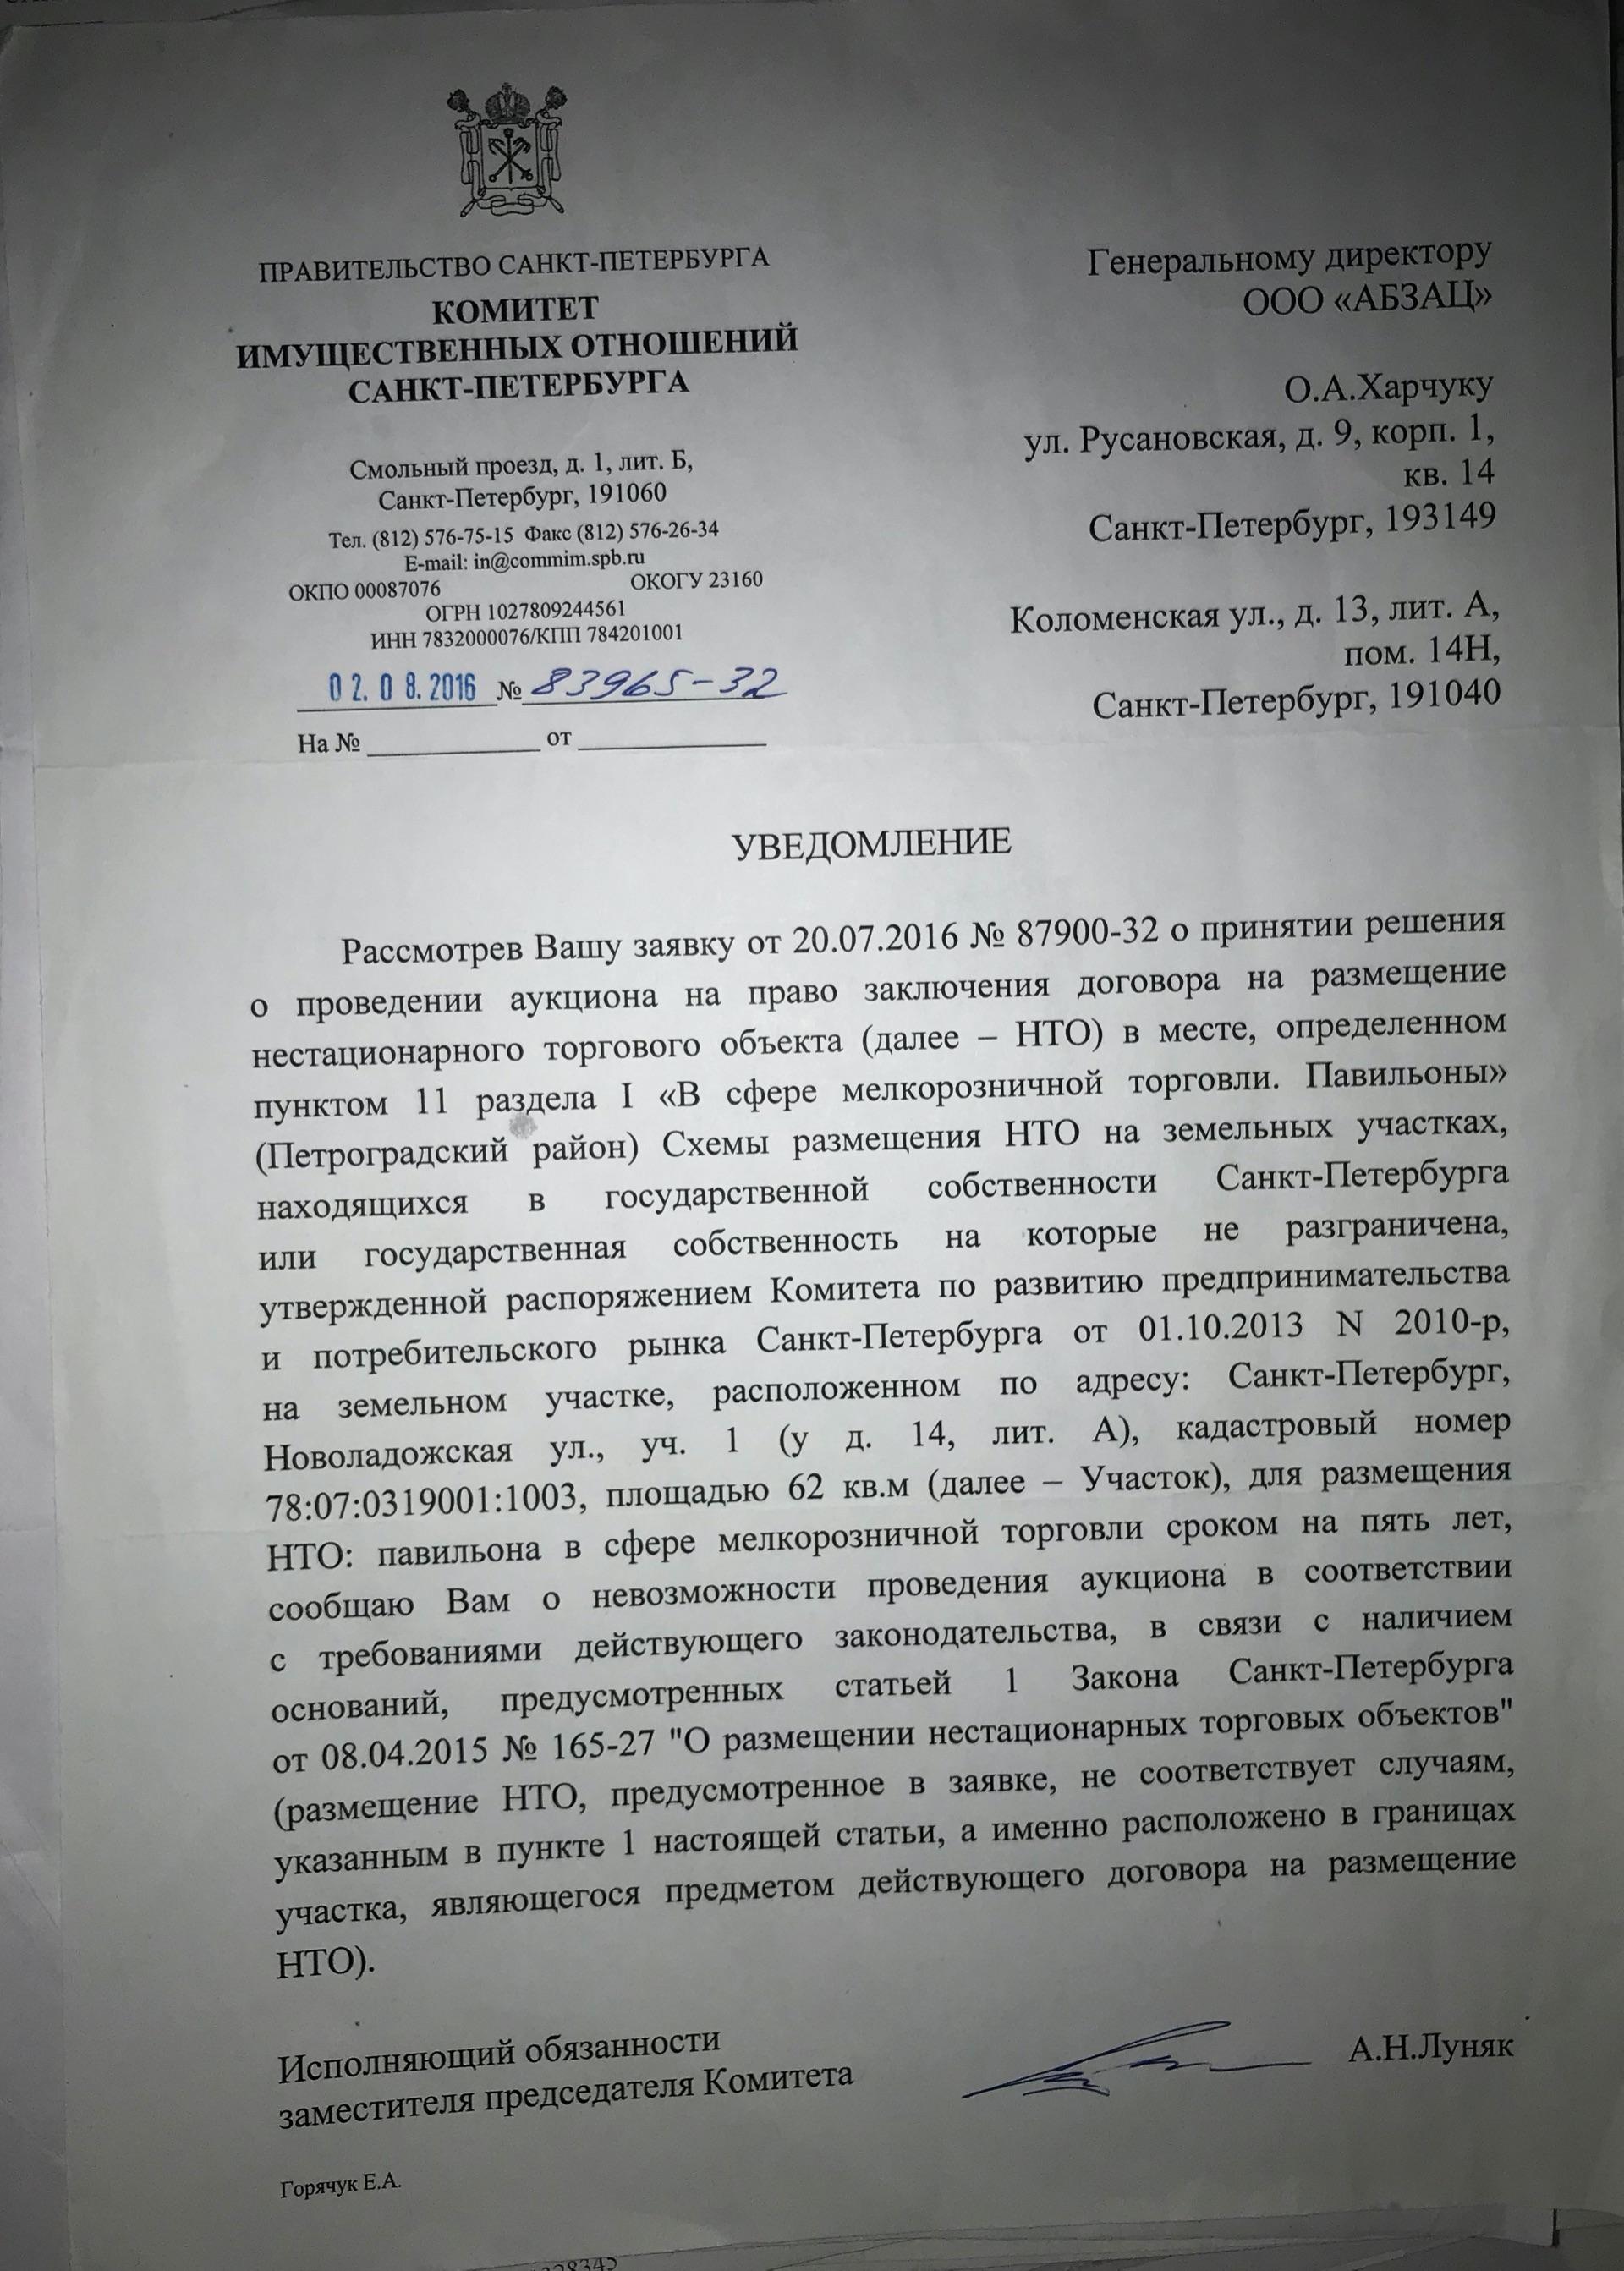 Комитет врет в отписке 02.08.2016 года, что Участок занят по договору, договор появится только в конце года 27.12.2016